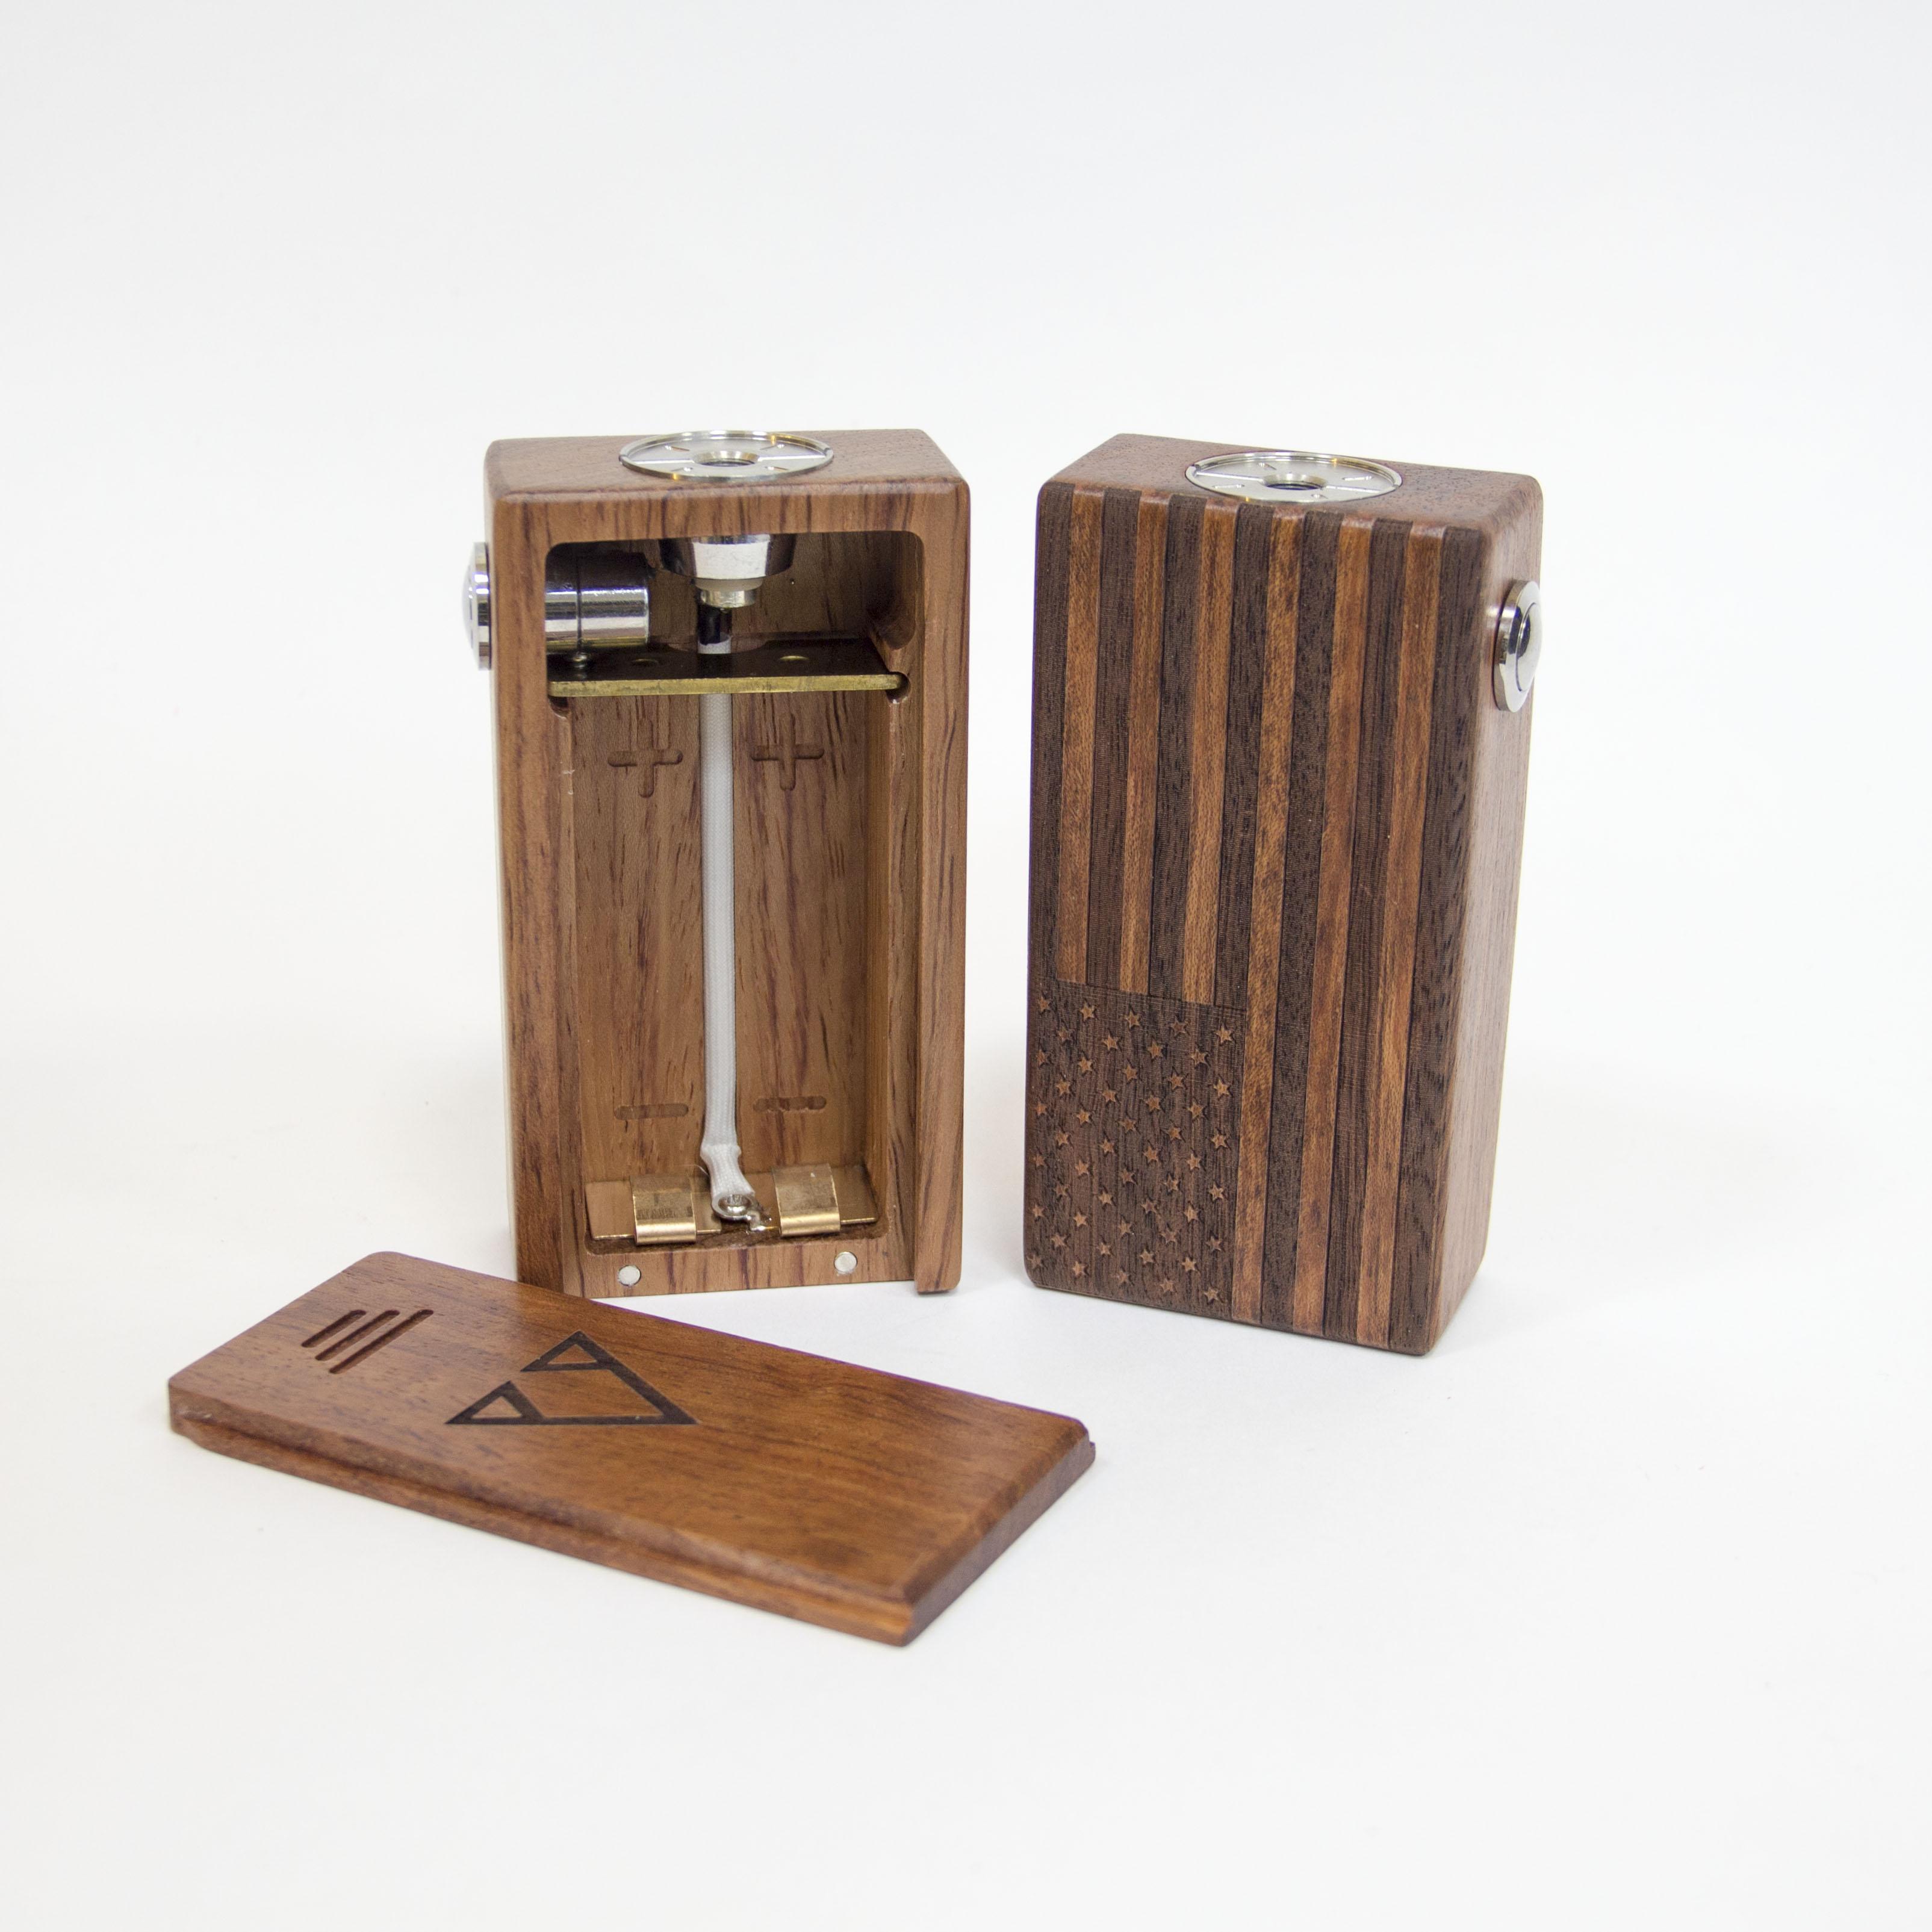 Приспособление для изготовления сигарет своими руками